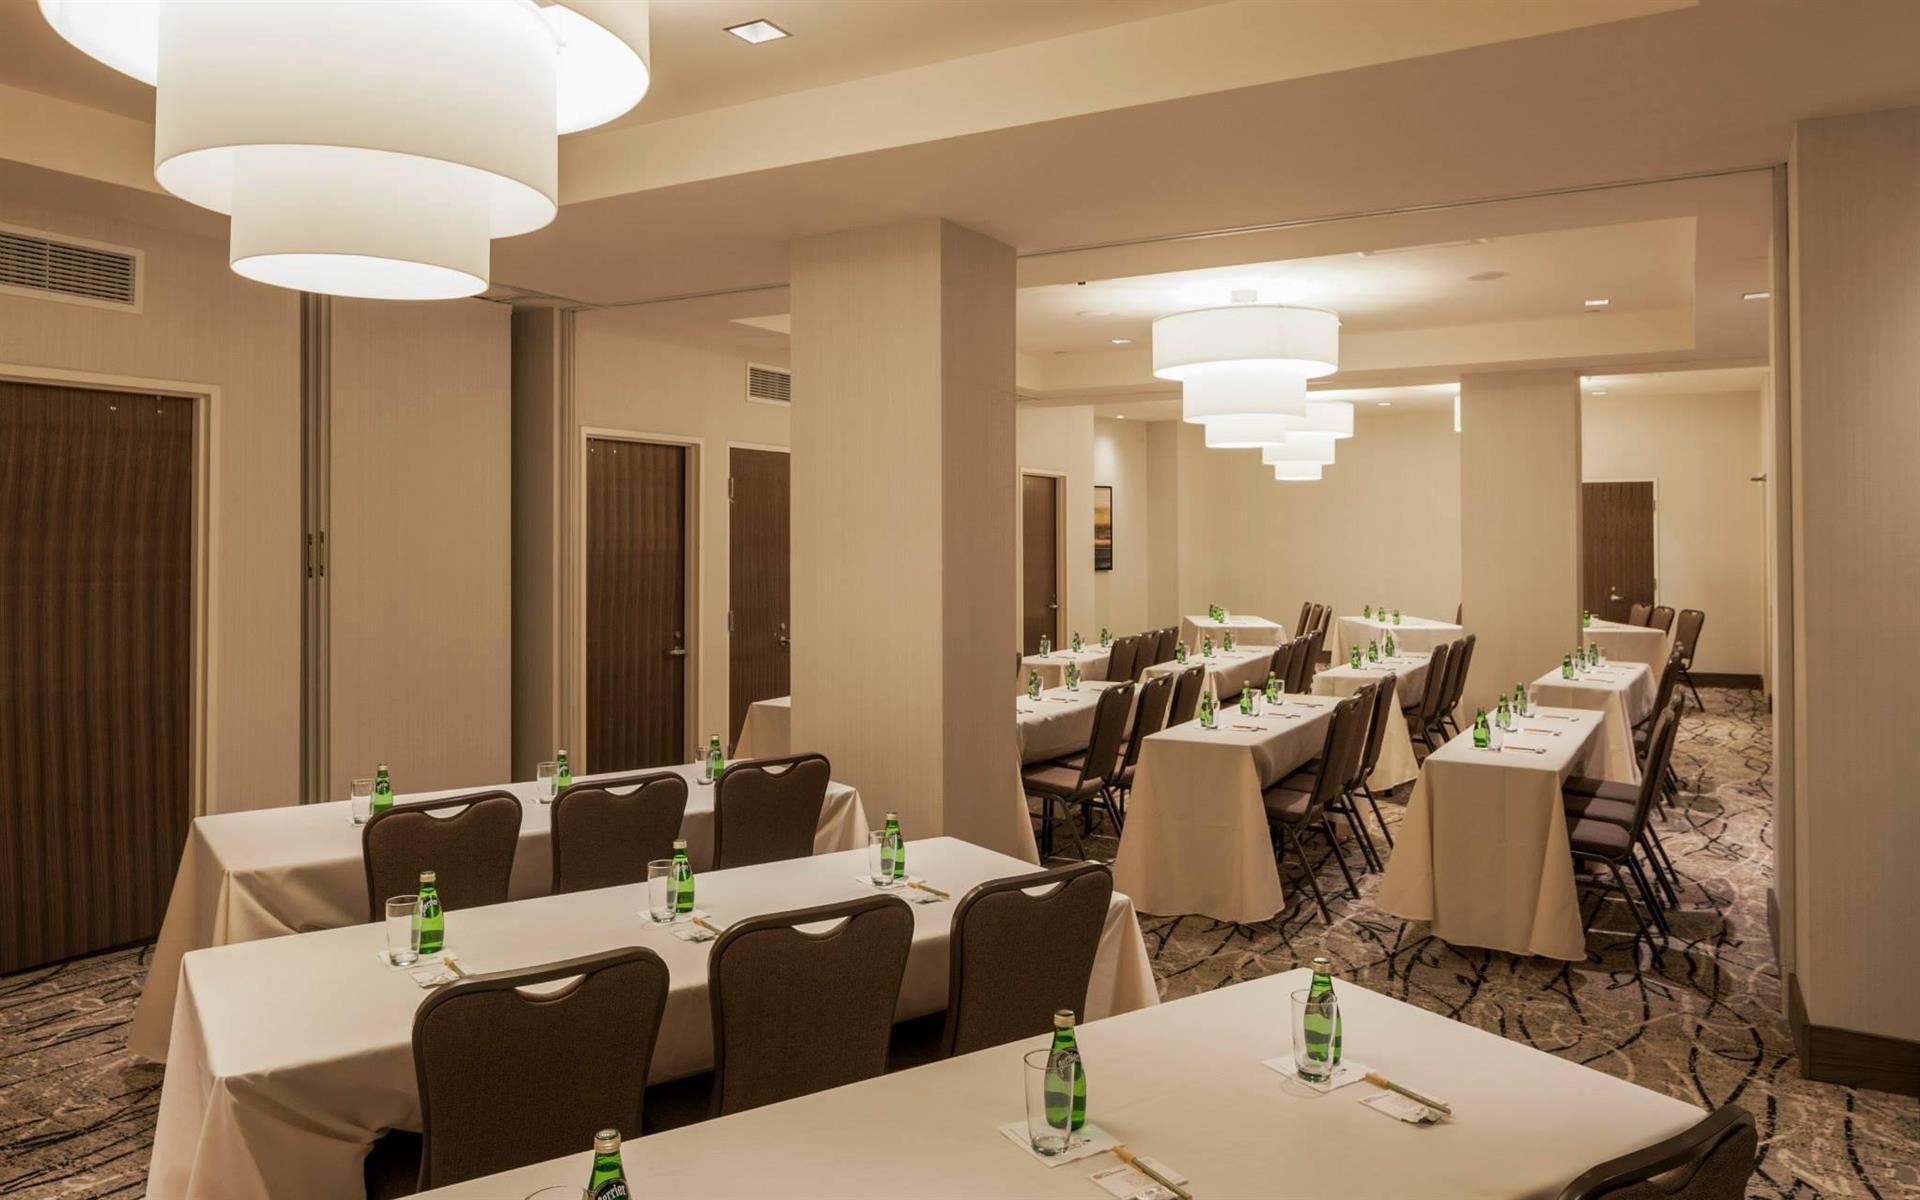 Hilton Garden Inn - Long Island City - Full Conference Room